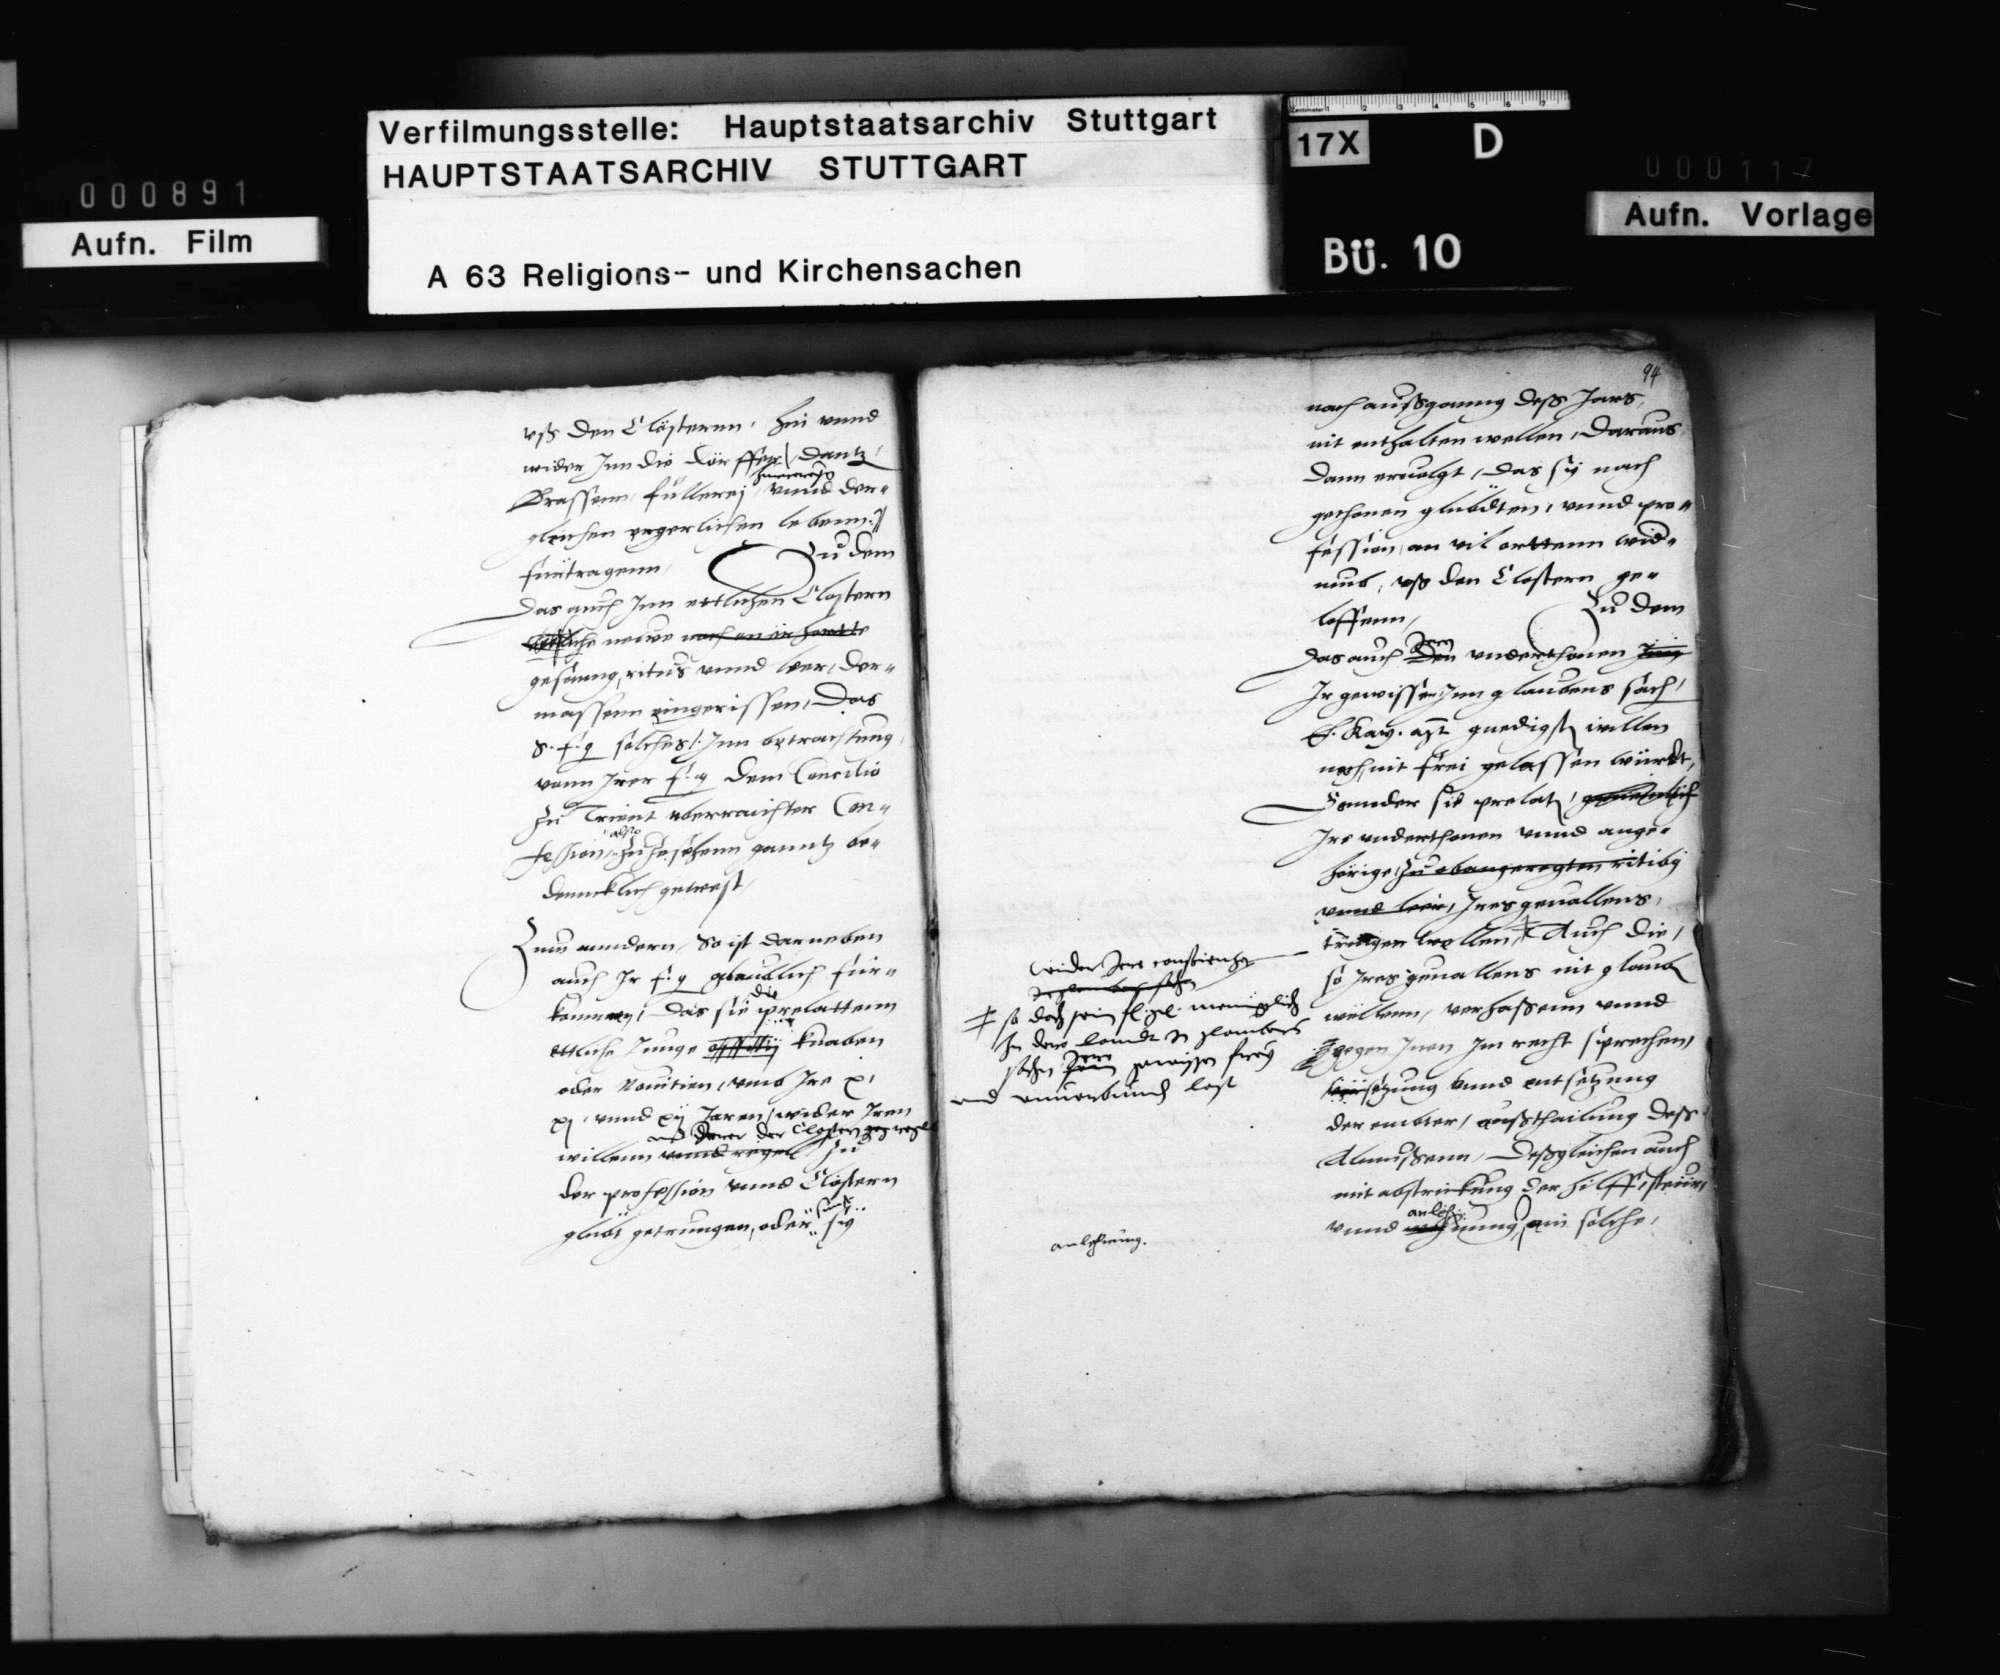 Konzept eines Berichts Herzog Christophs an Kaiser Karl V. über die Verwilderung von Mönchen und Klöstern in Württemberg., Bild 3